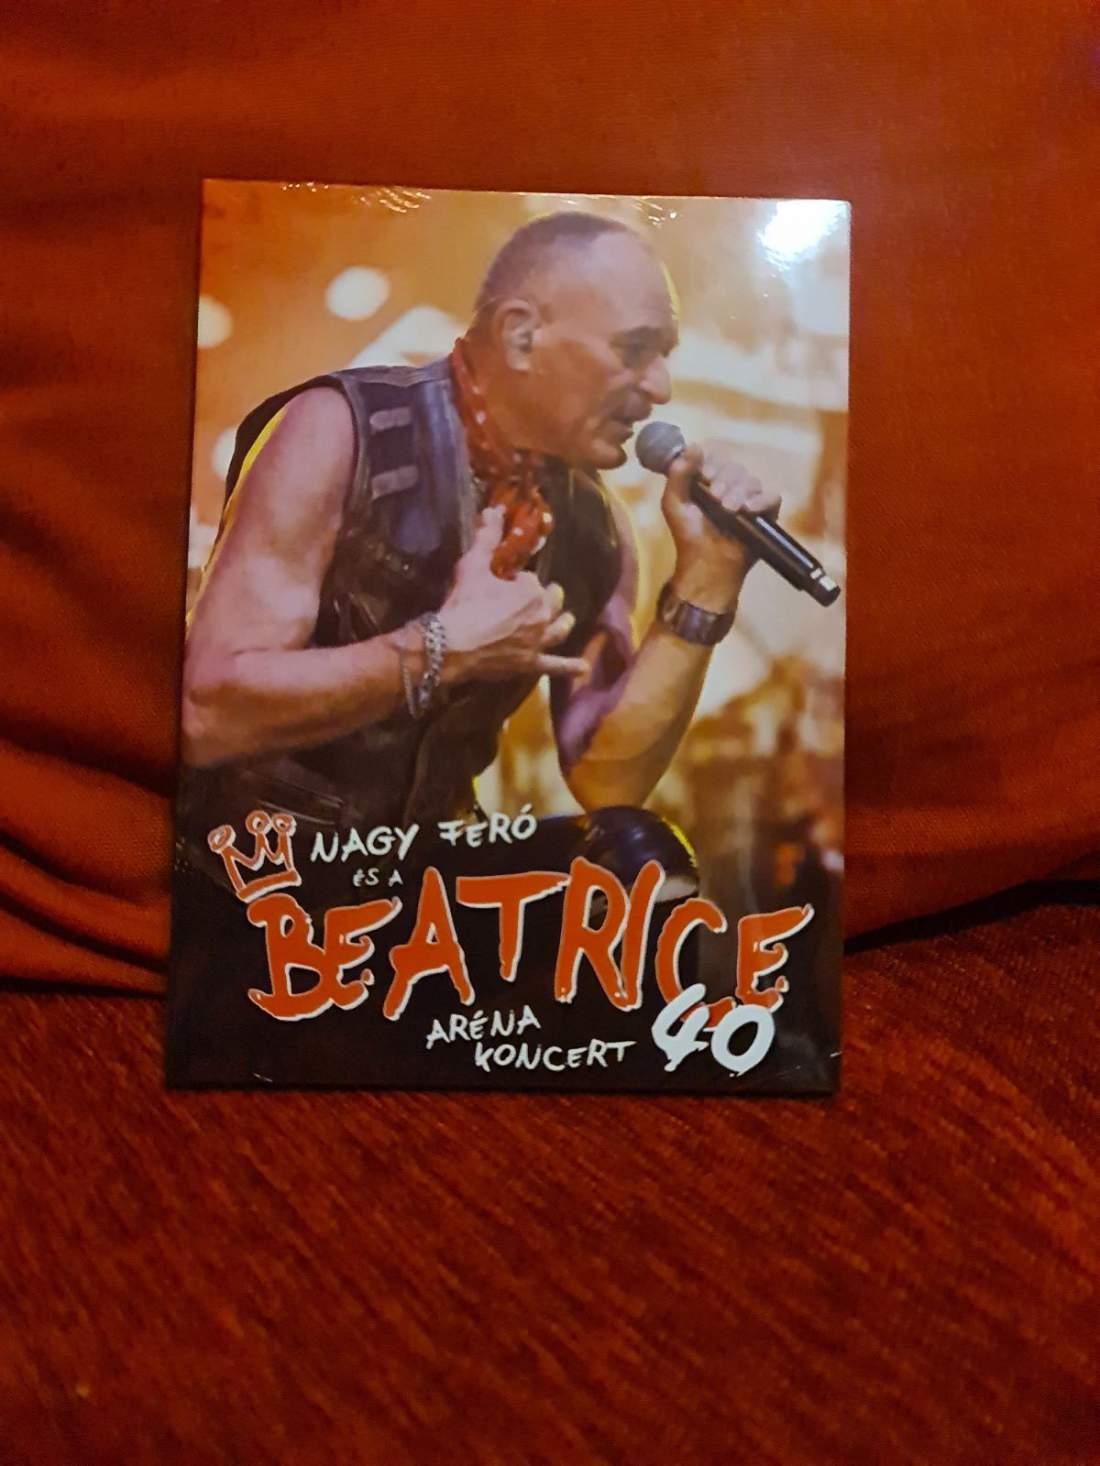 NAGY FERÓ ÉS A BEATRICE 40 - ARÉNA KONCERT DVD